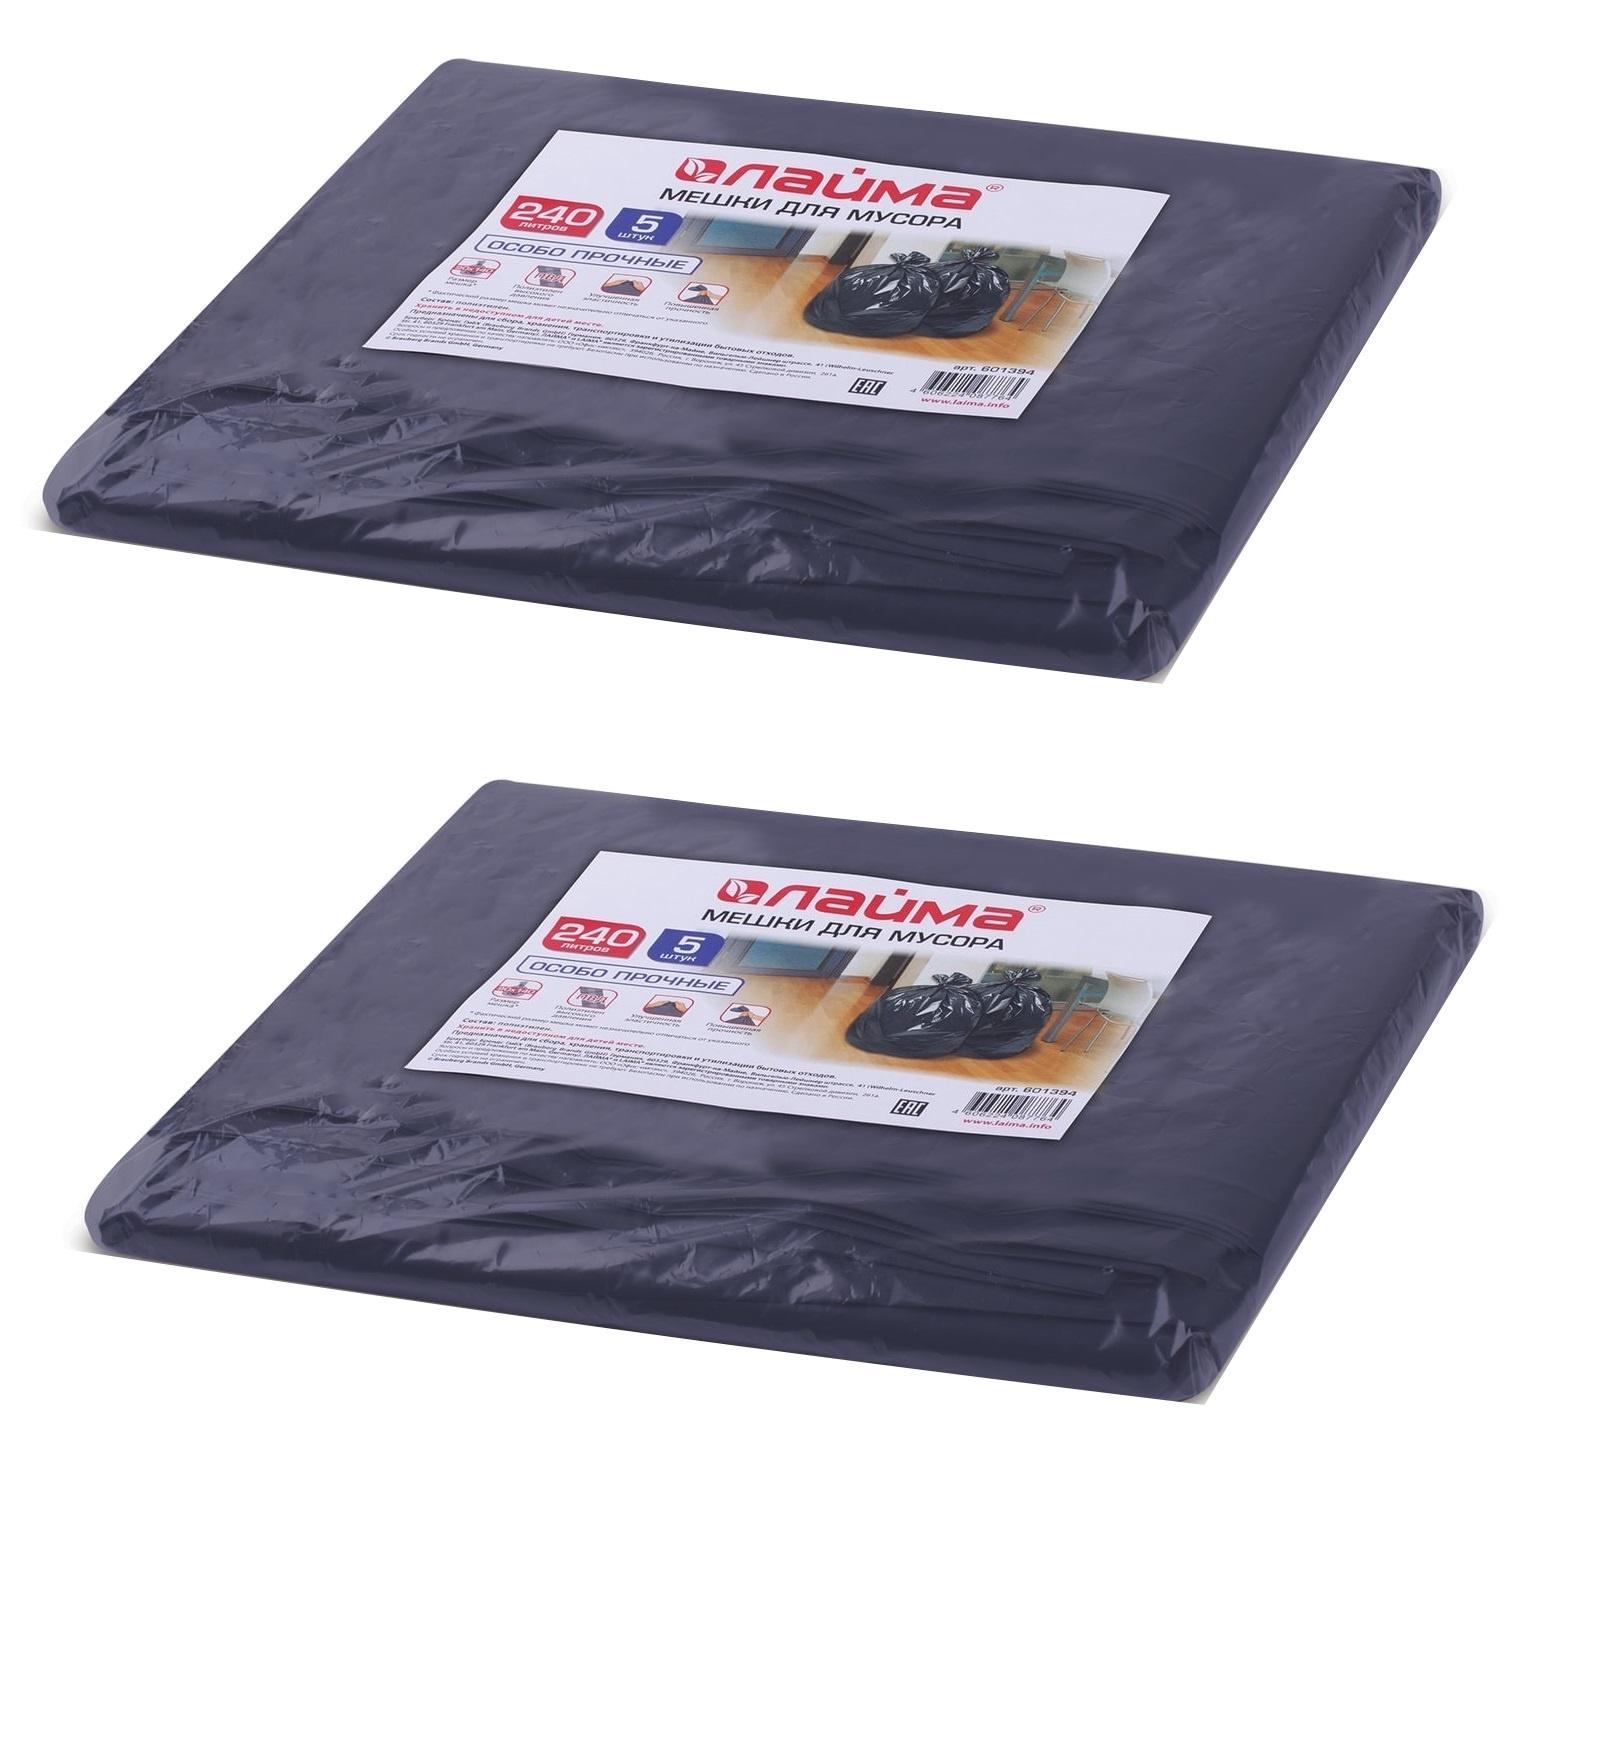 Мешки для мусора ЛАЙМА Комплект 2 упаковки по 5 шт = 10 мешков. 240 л, черные, в пачке 5 шт., ПВД, 60 мкм, 90х140 см (±5%), особо прочные цена